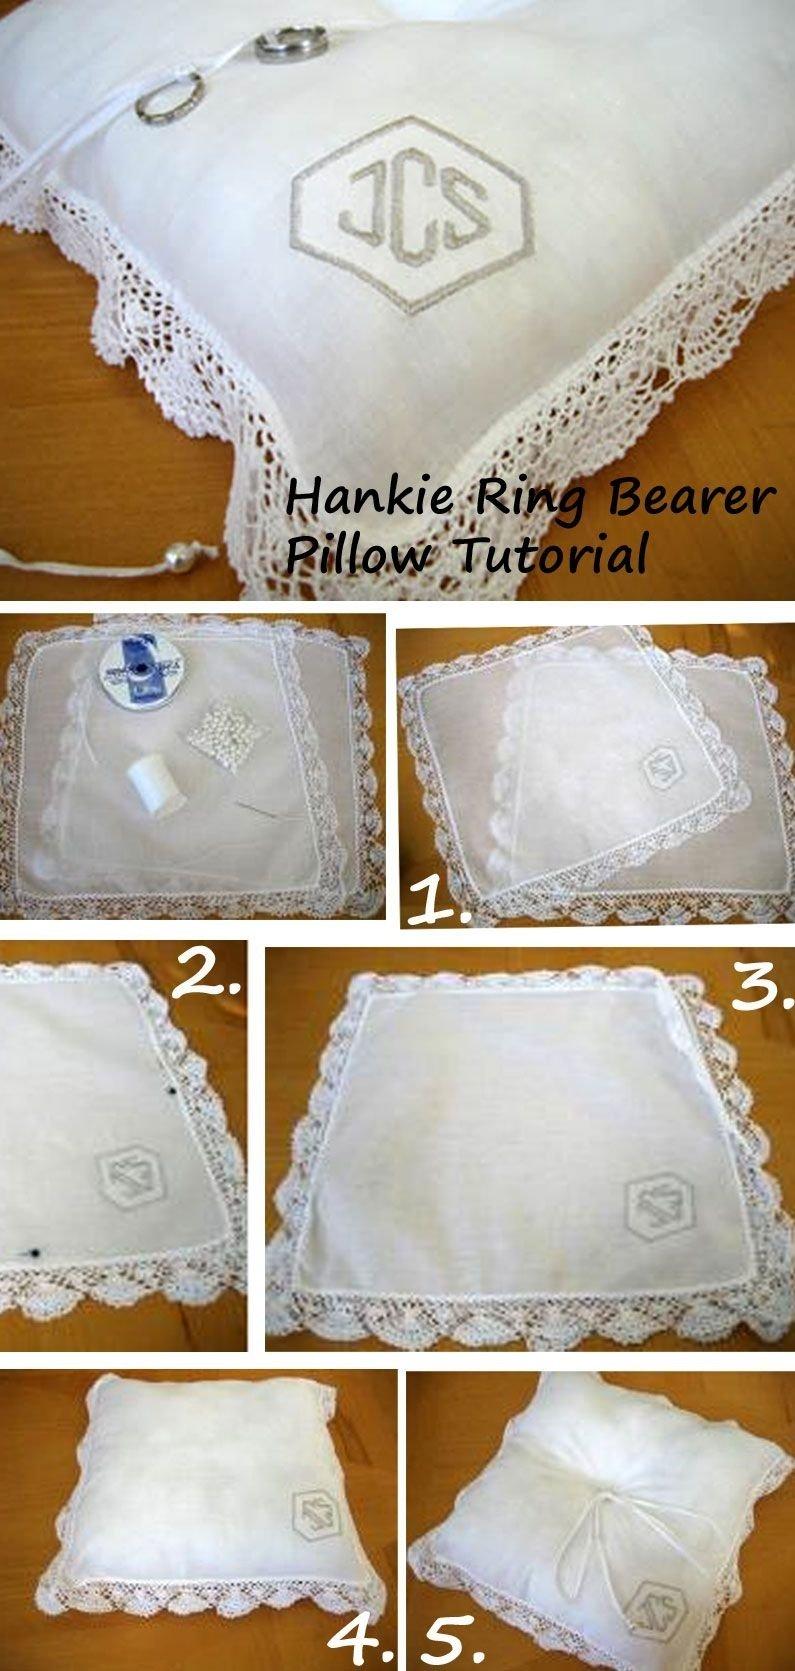 10 Beautiful Ring Bearer Ideas Alternatives To Pillow diy hankie ring bearer pillow made out of handkerchiefs hottest 2020